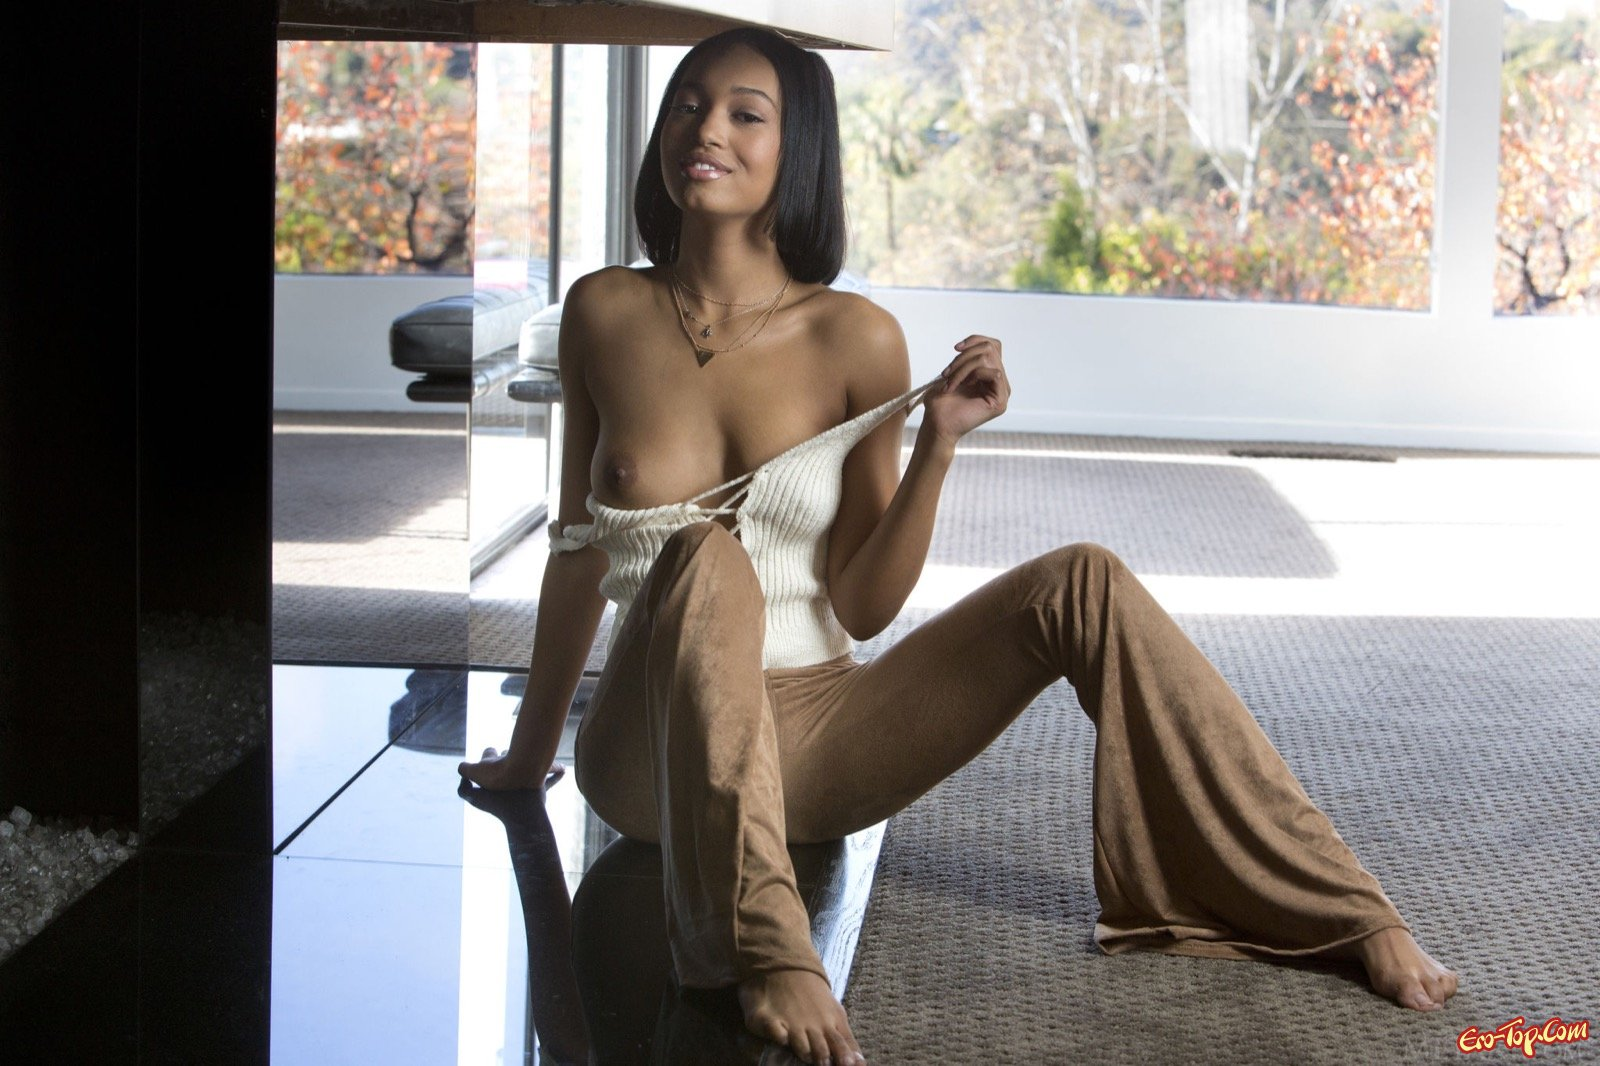 Чернокожая девушка с красивым телом позирует голой